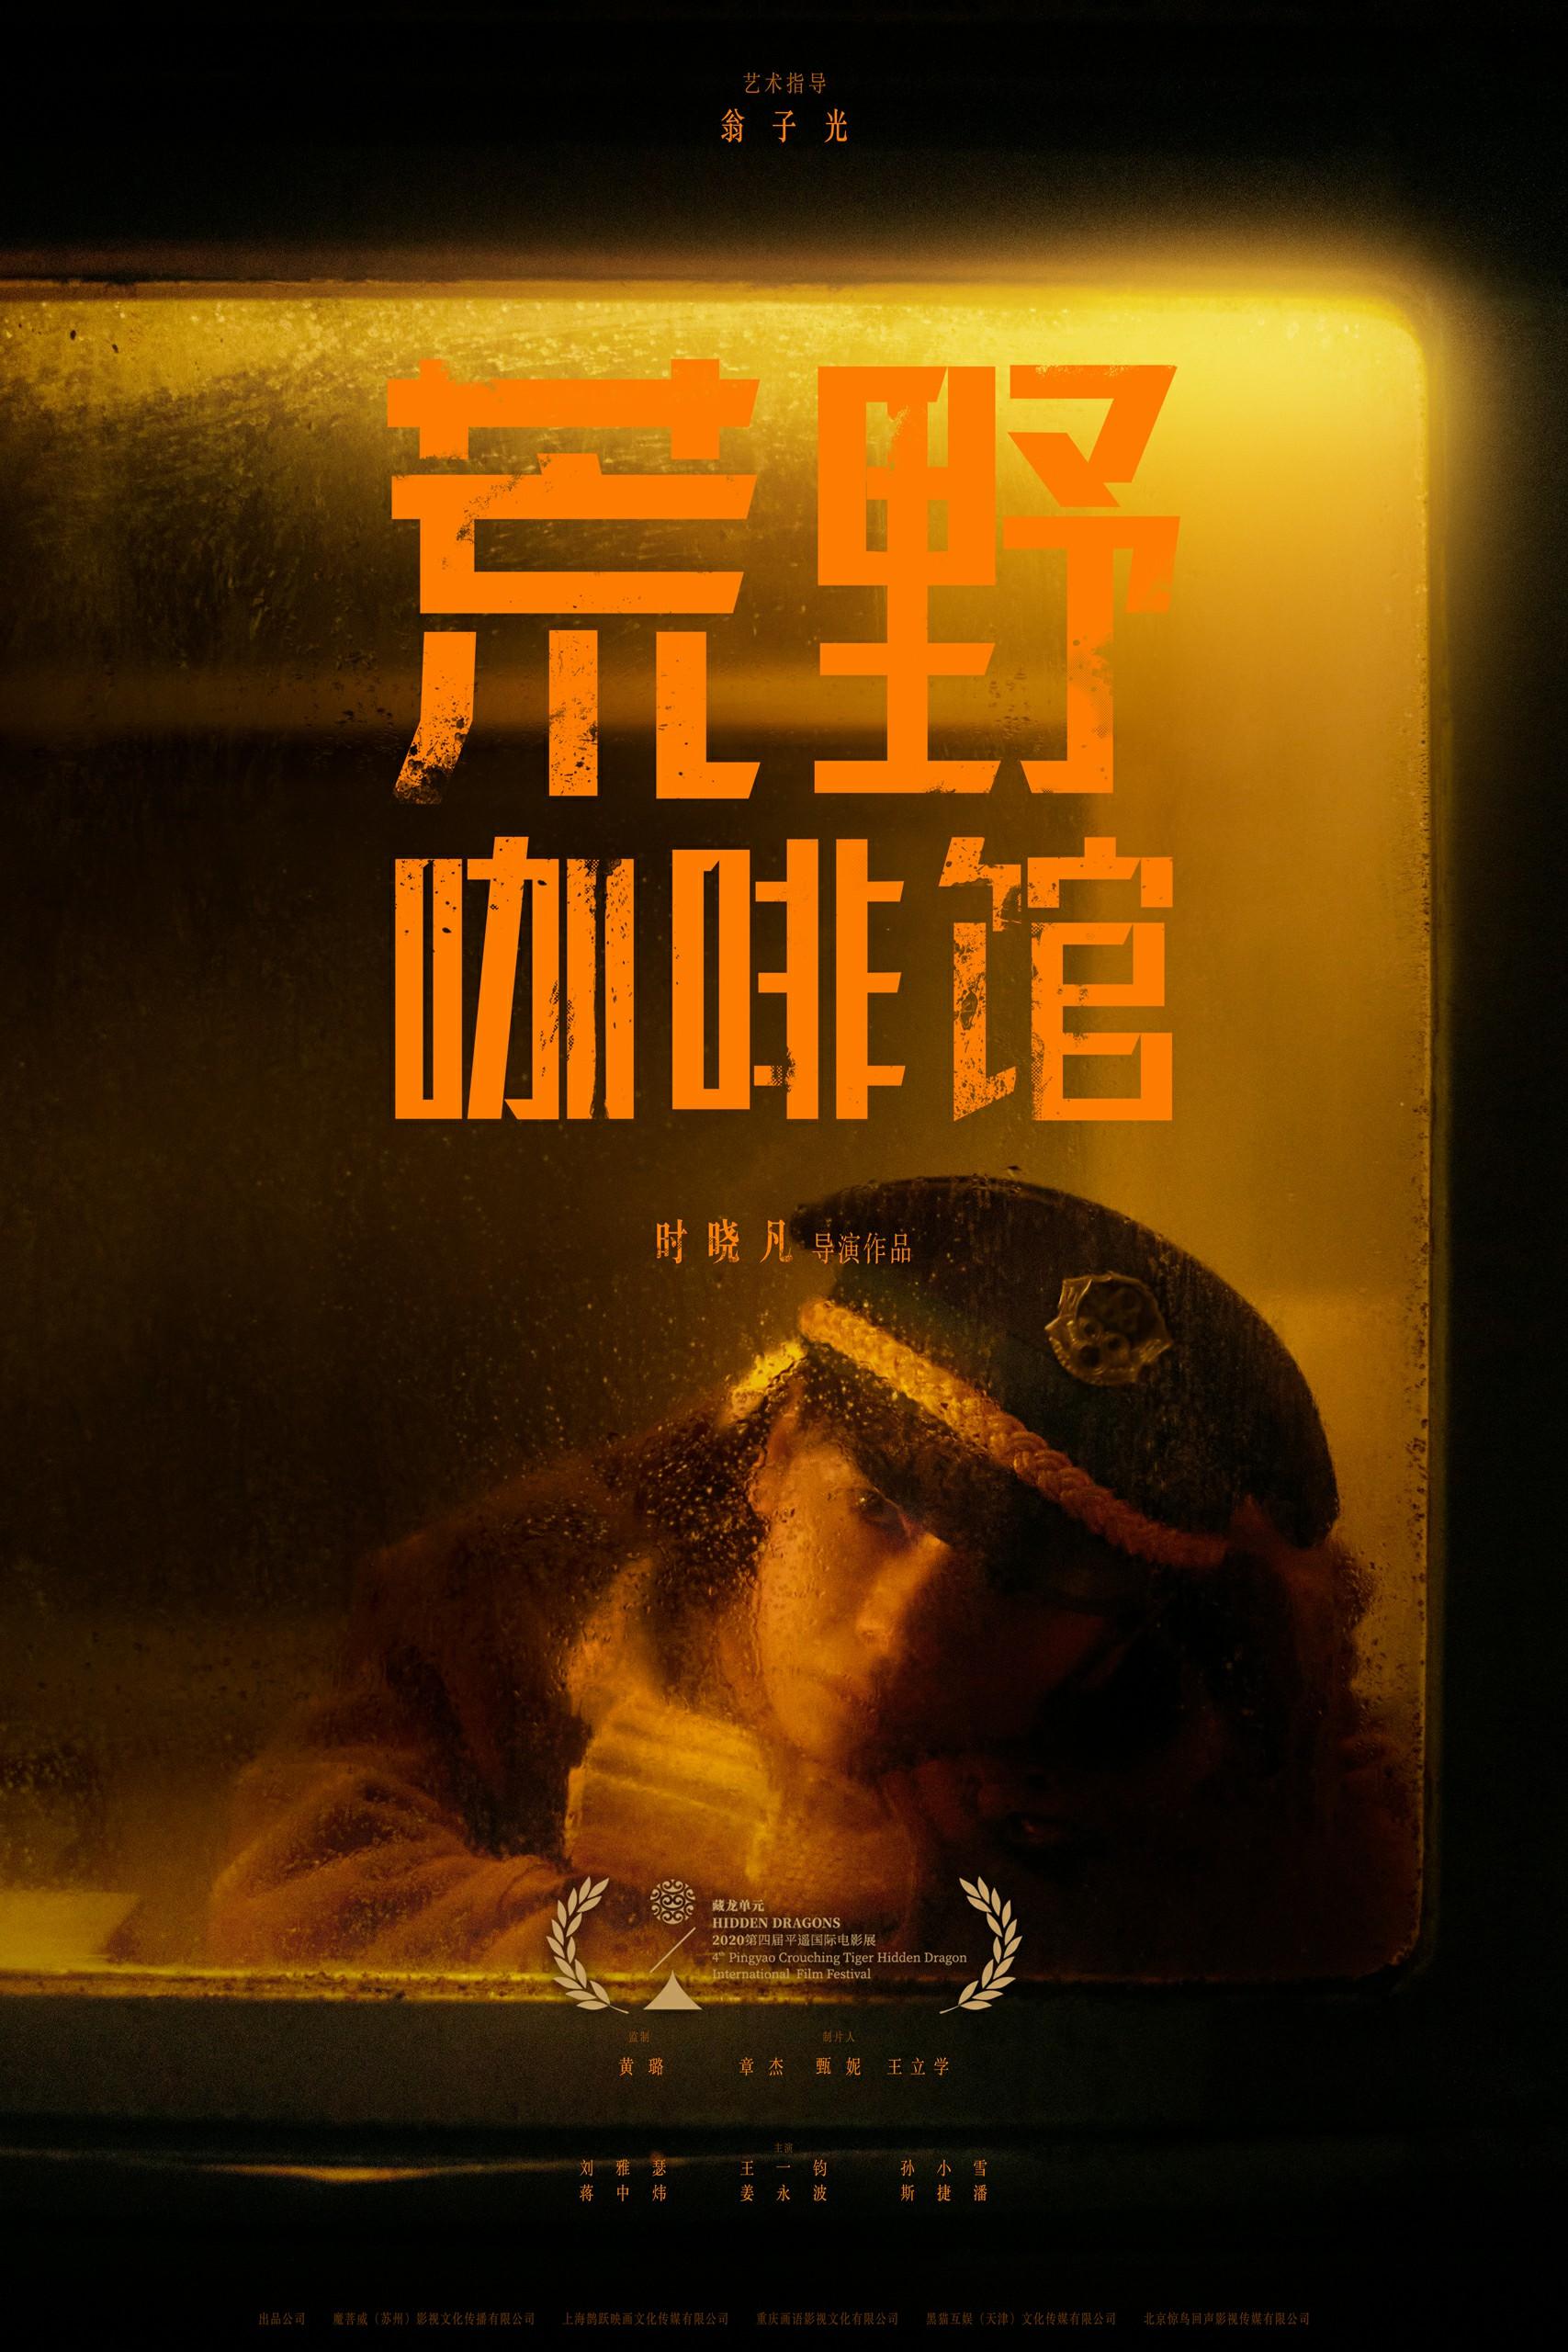 """《荒野咖啡馆》平遥影展""""藏龙""""单元全球首映 以影像为力量激发思考"""